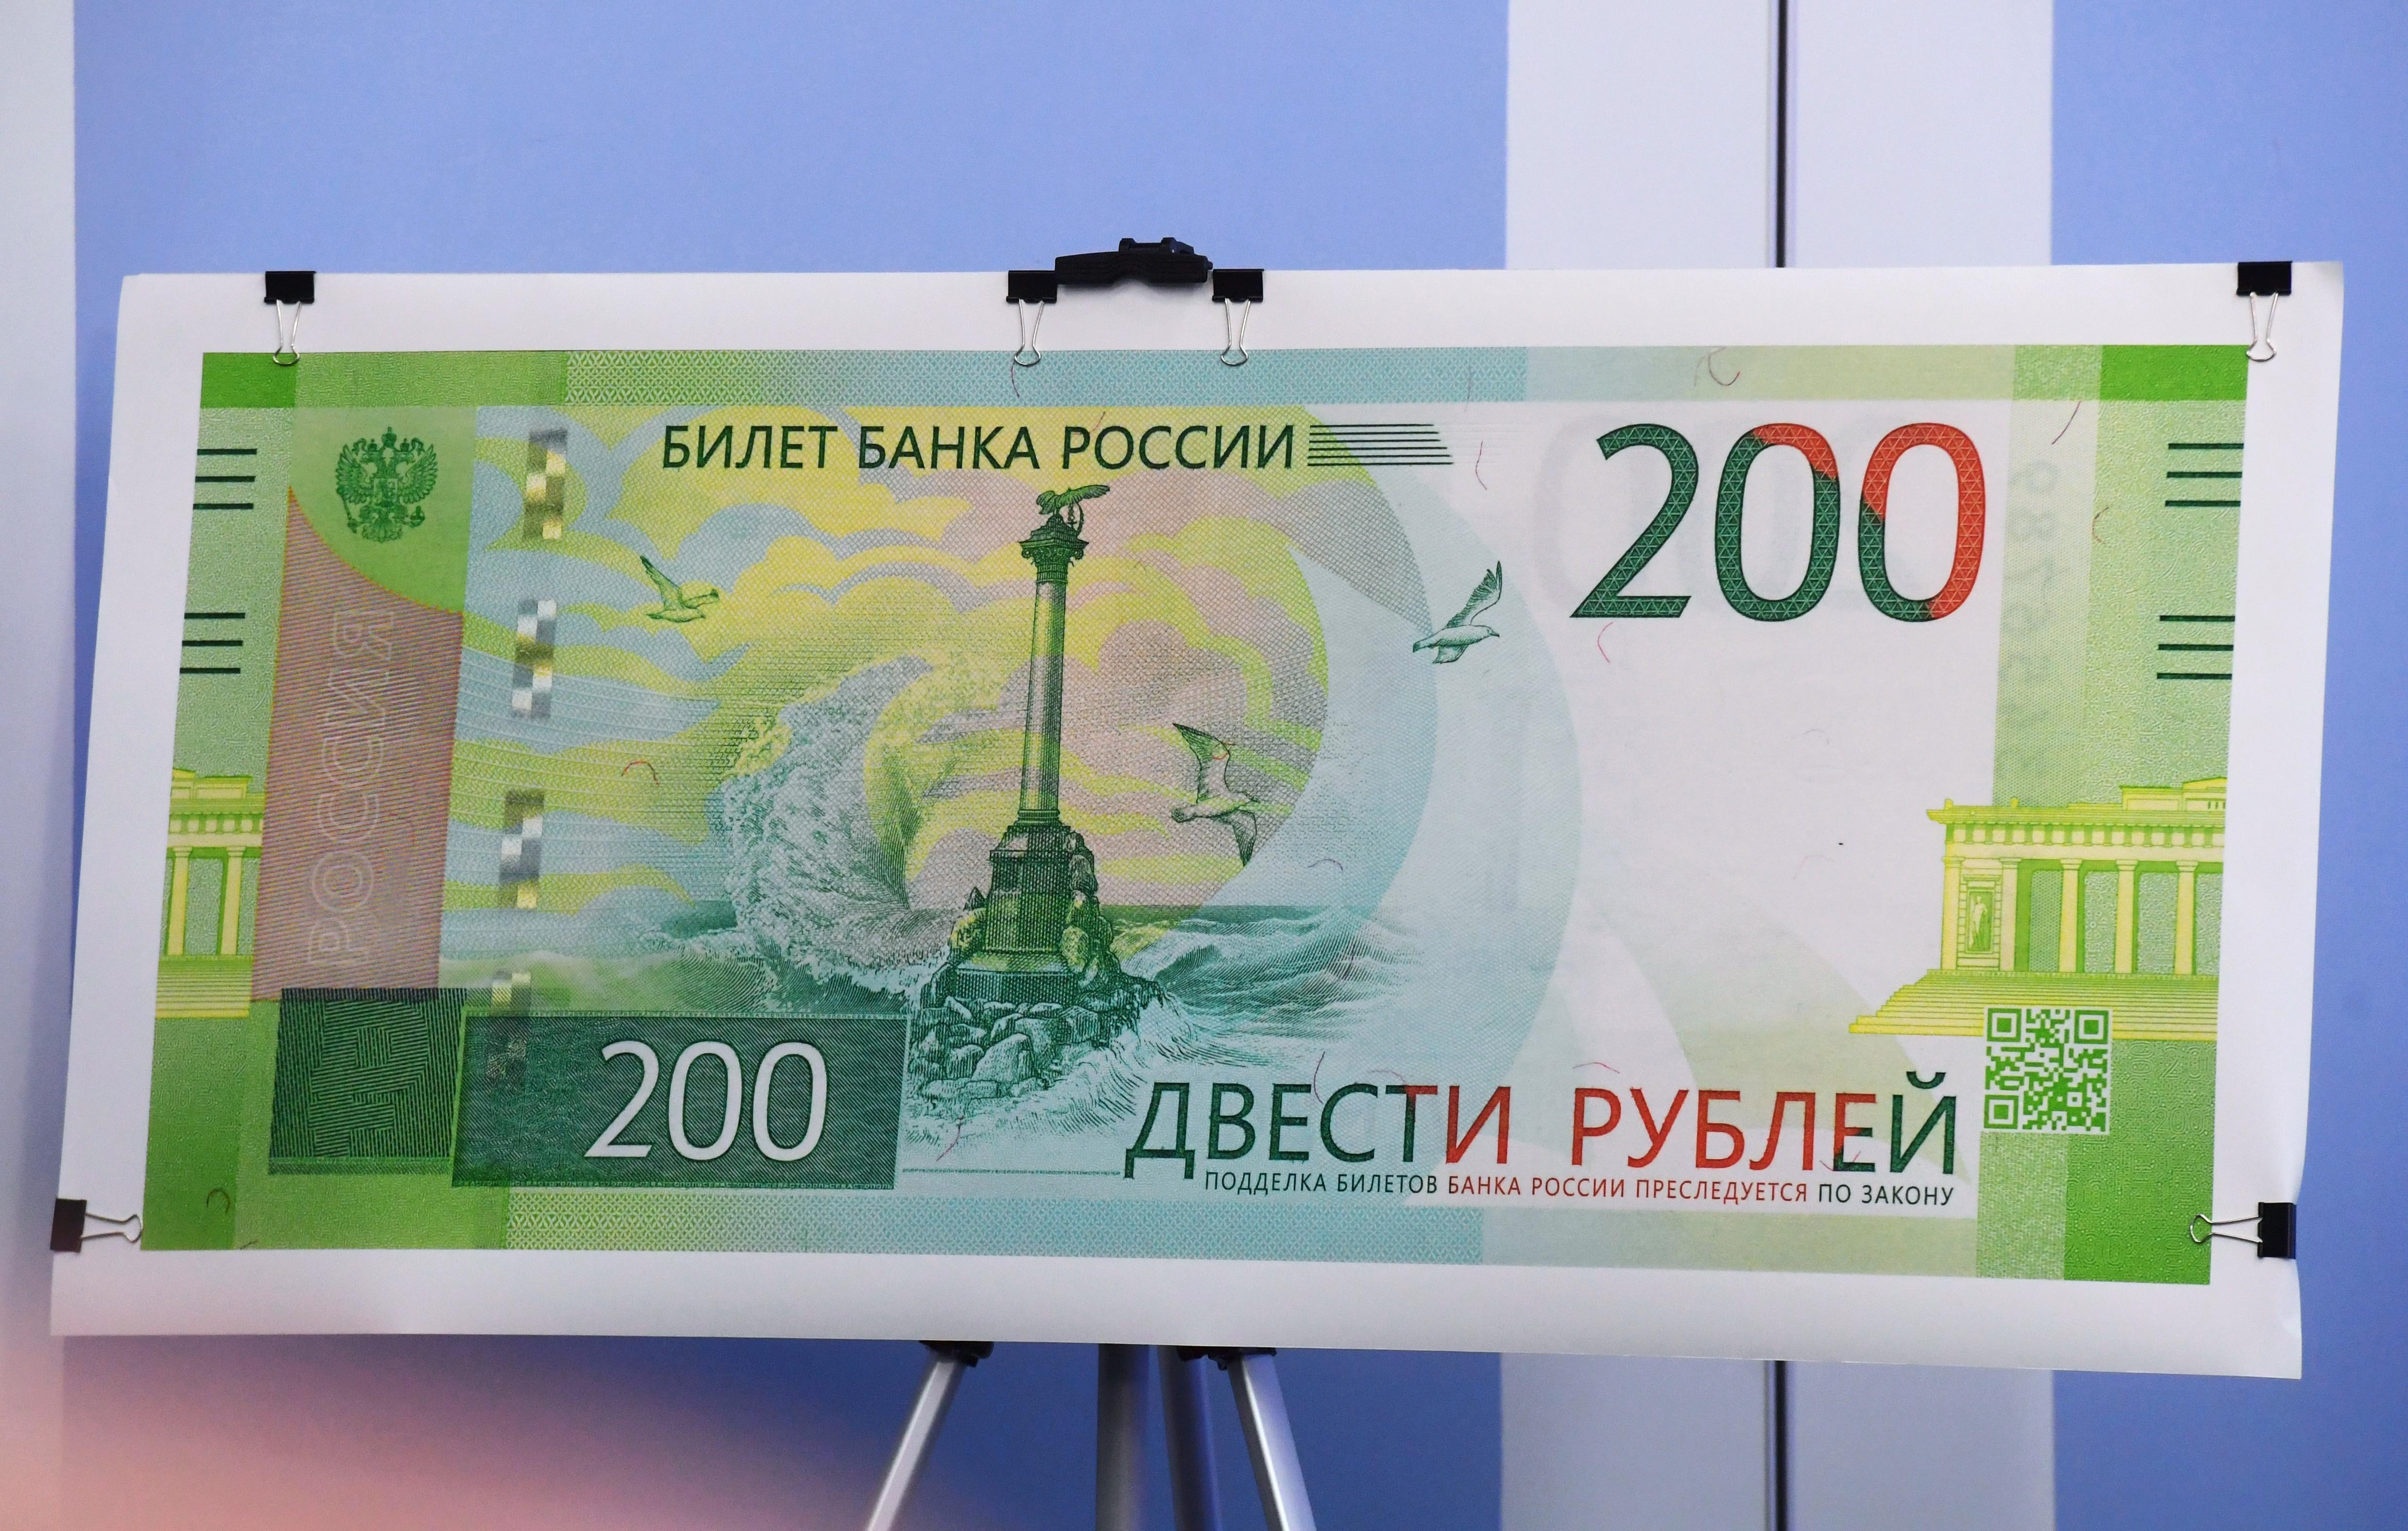 <p>Образец банкноты номиналом 200 рублей. Фото: &copy;РИА Новости/Алексей Куденко</p>